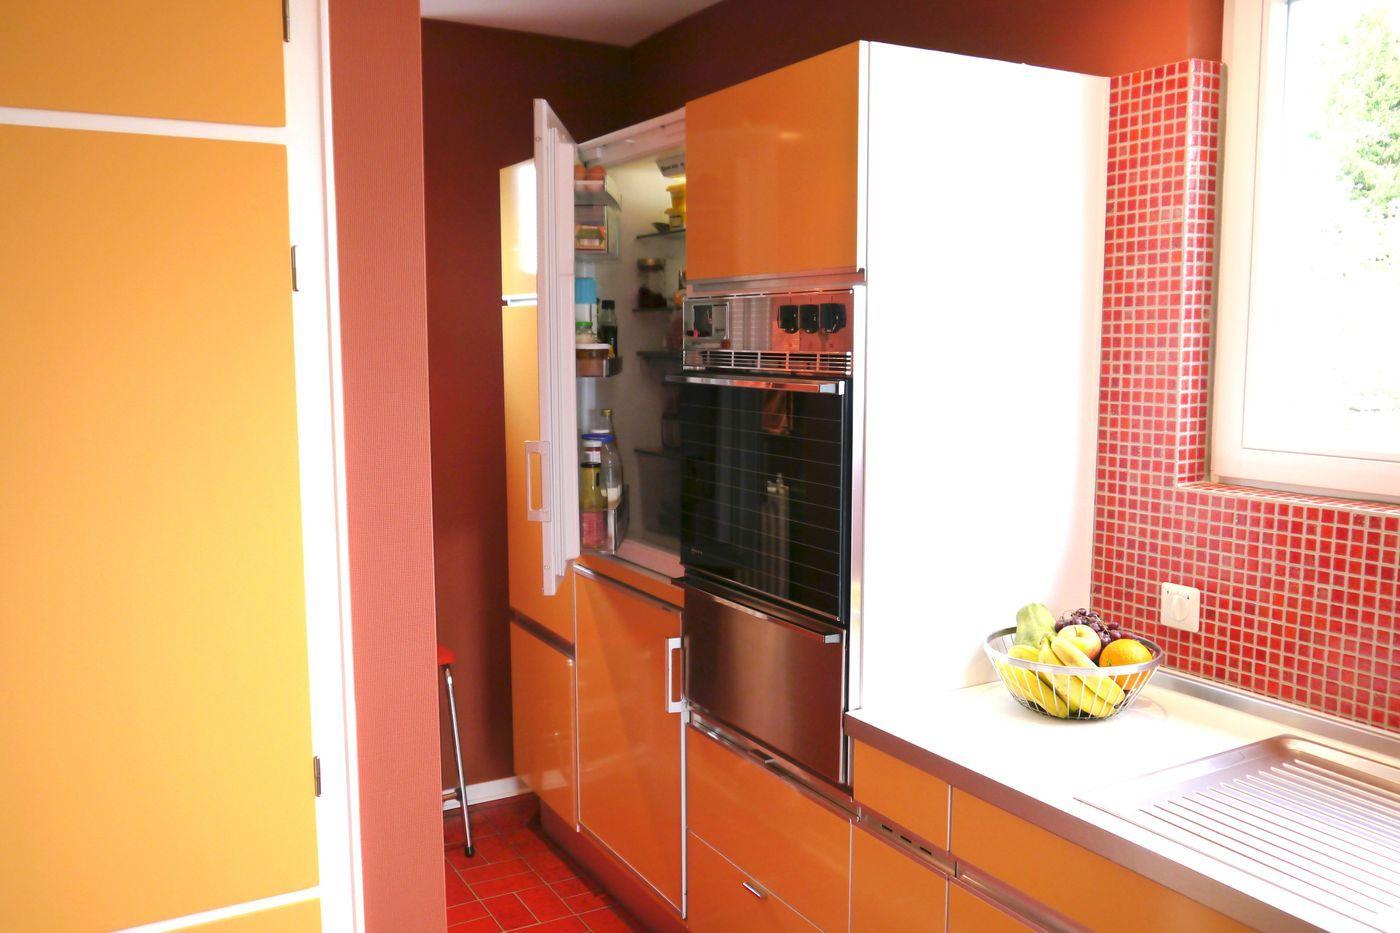 70er Jahre Küche | Küche 70er Jahre Stil 60er Jahre Küche Retrokaufhaus